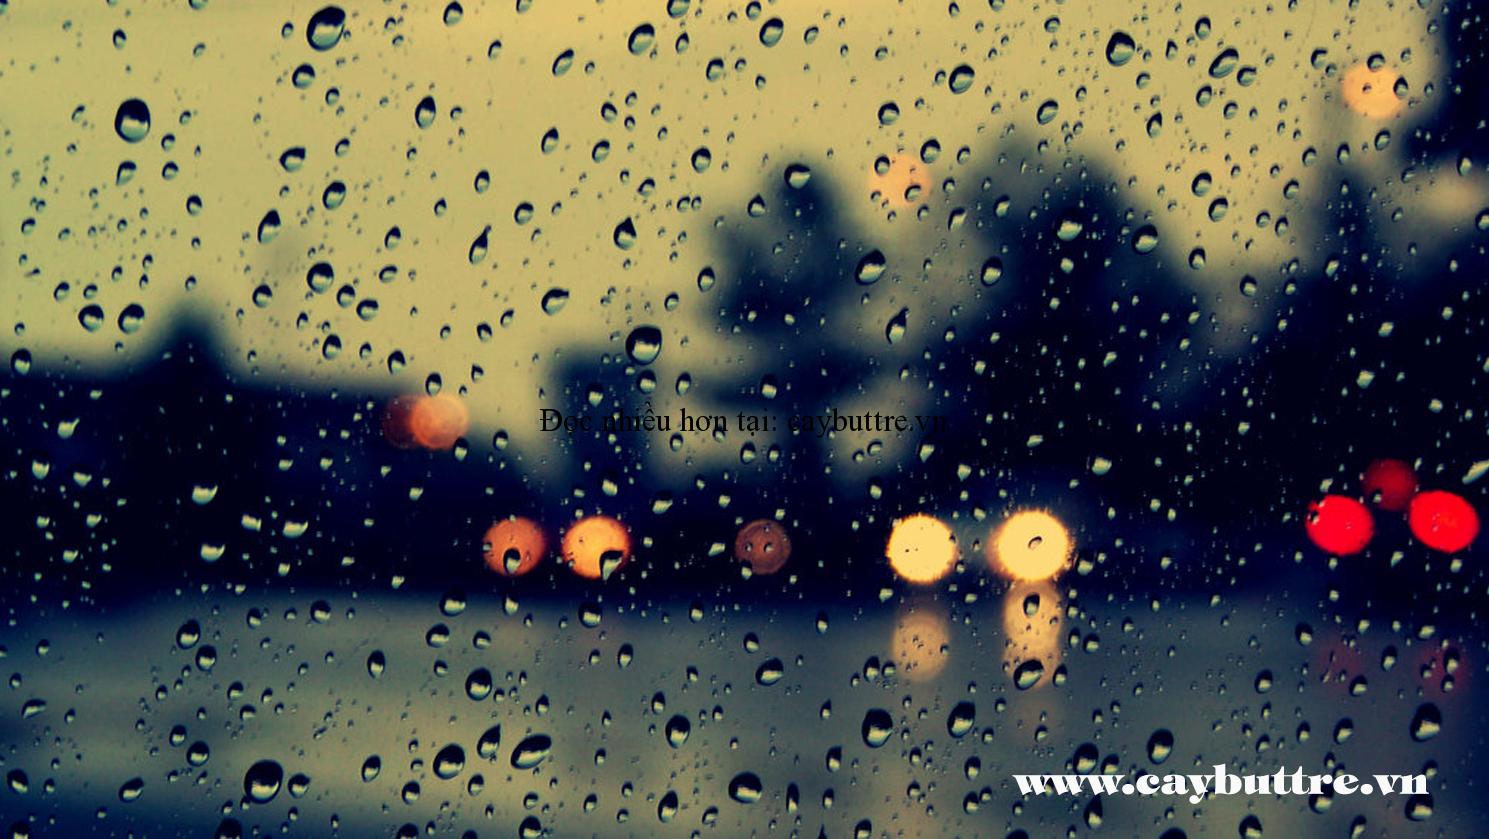 mưa ngâu - HÀ NỘI ....MƯA!